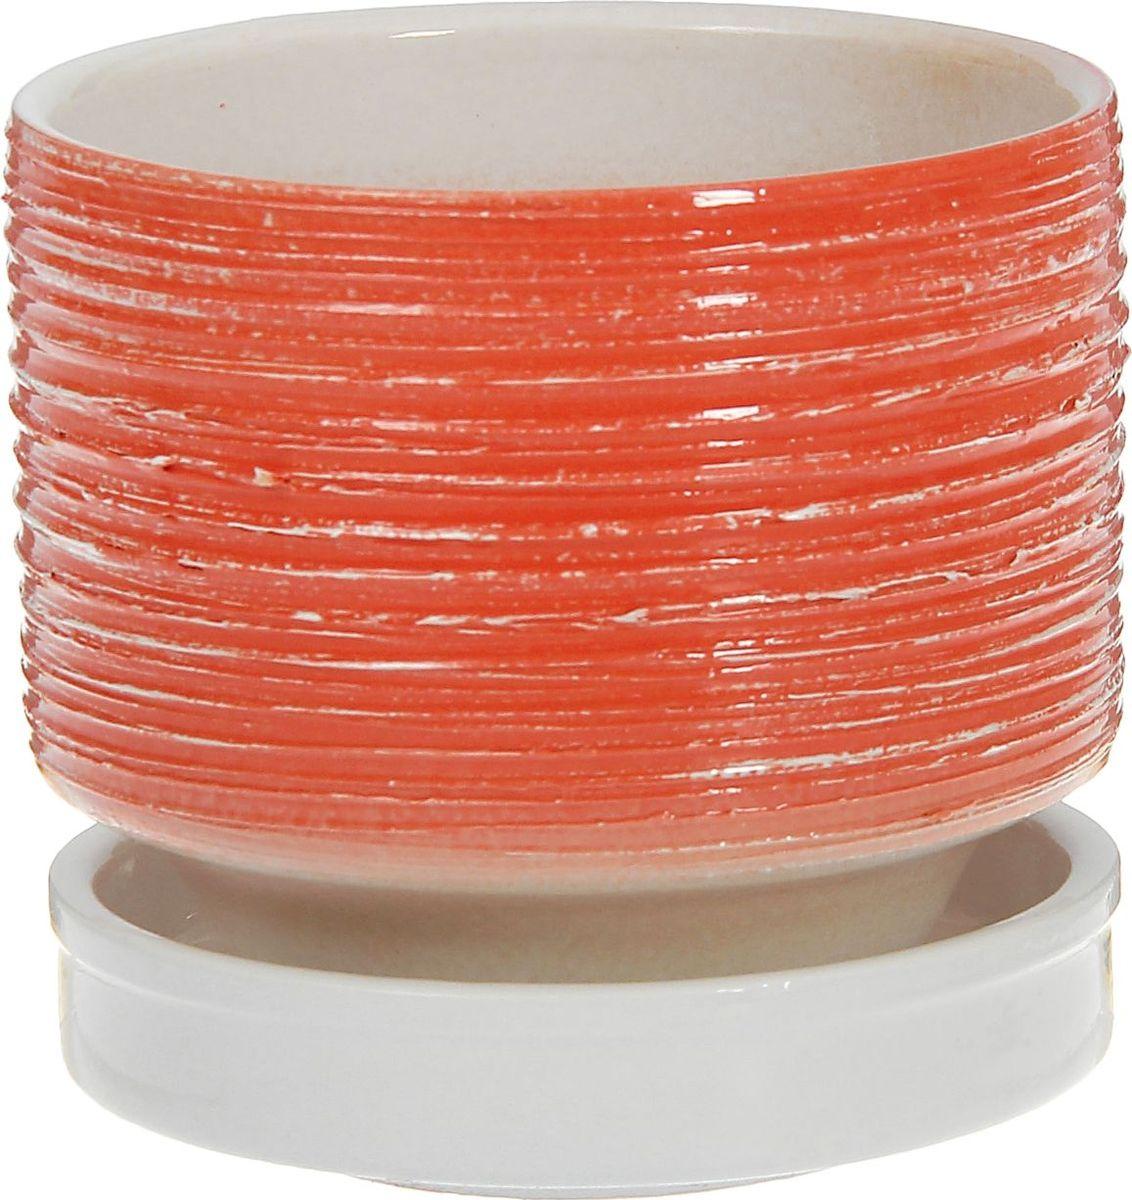 Кашпо Рифление, цвет: коралловый, 0,9 л1230377